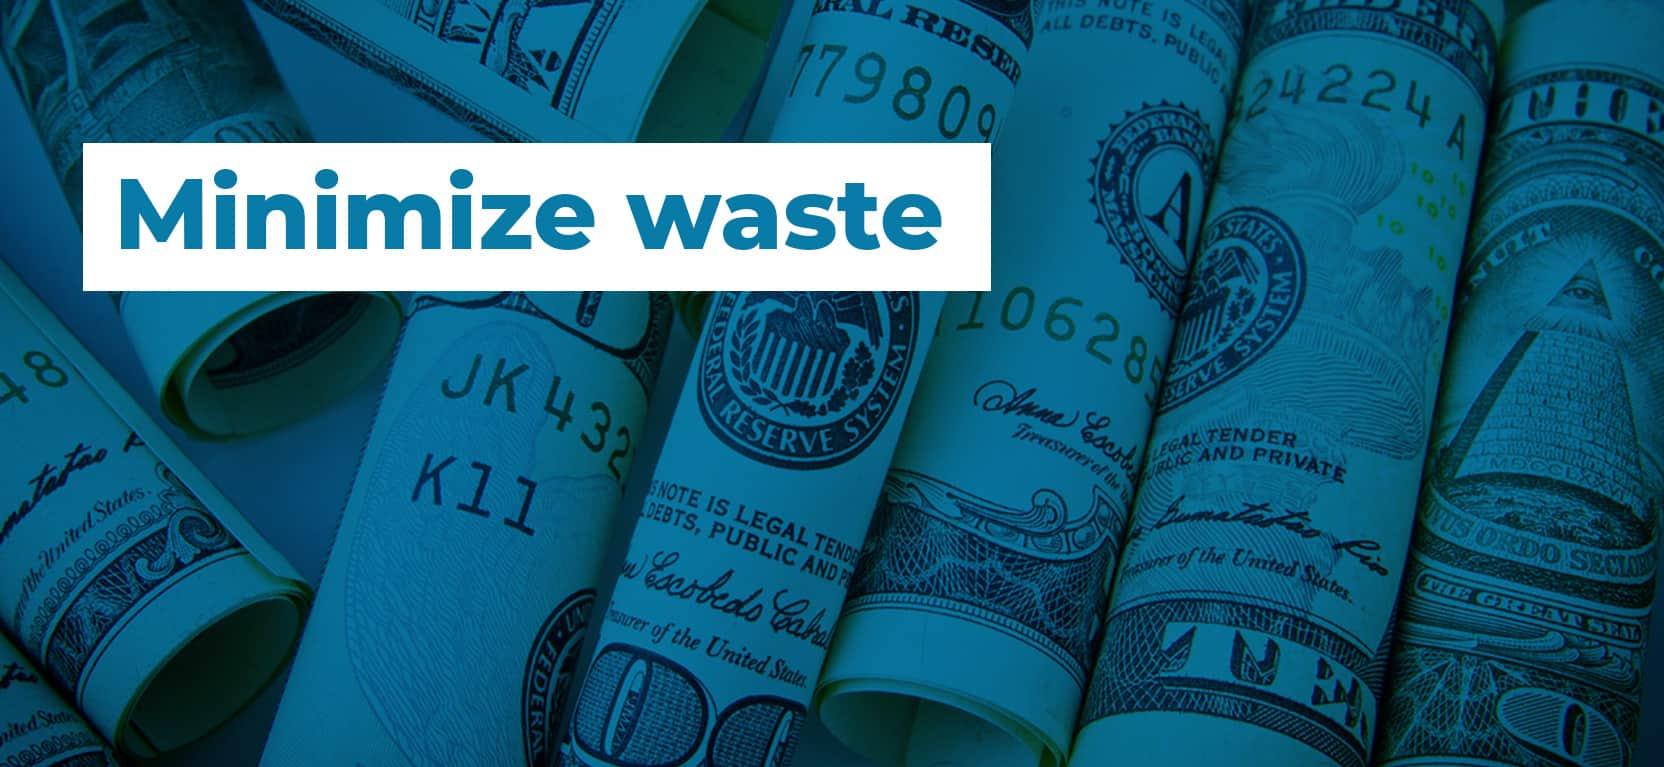 04 Minimize waste2